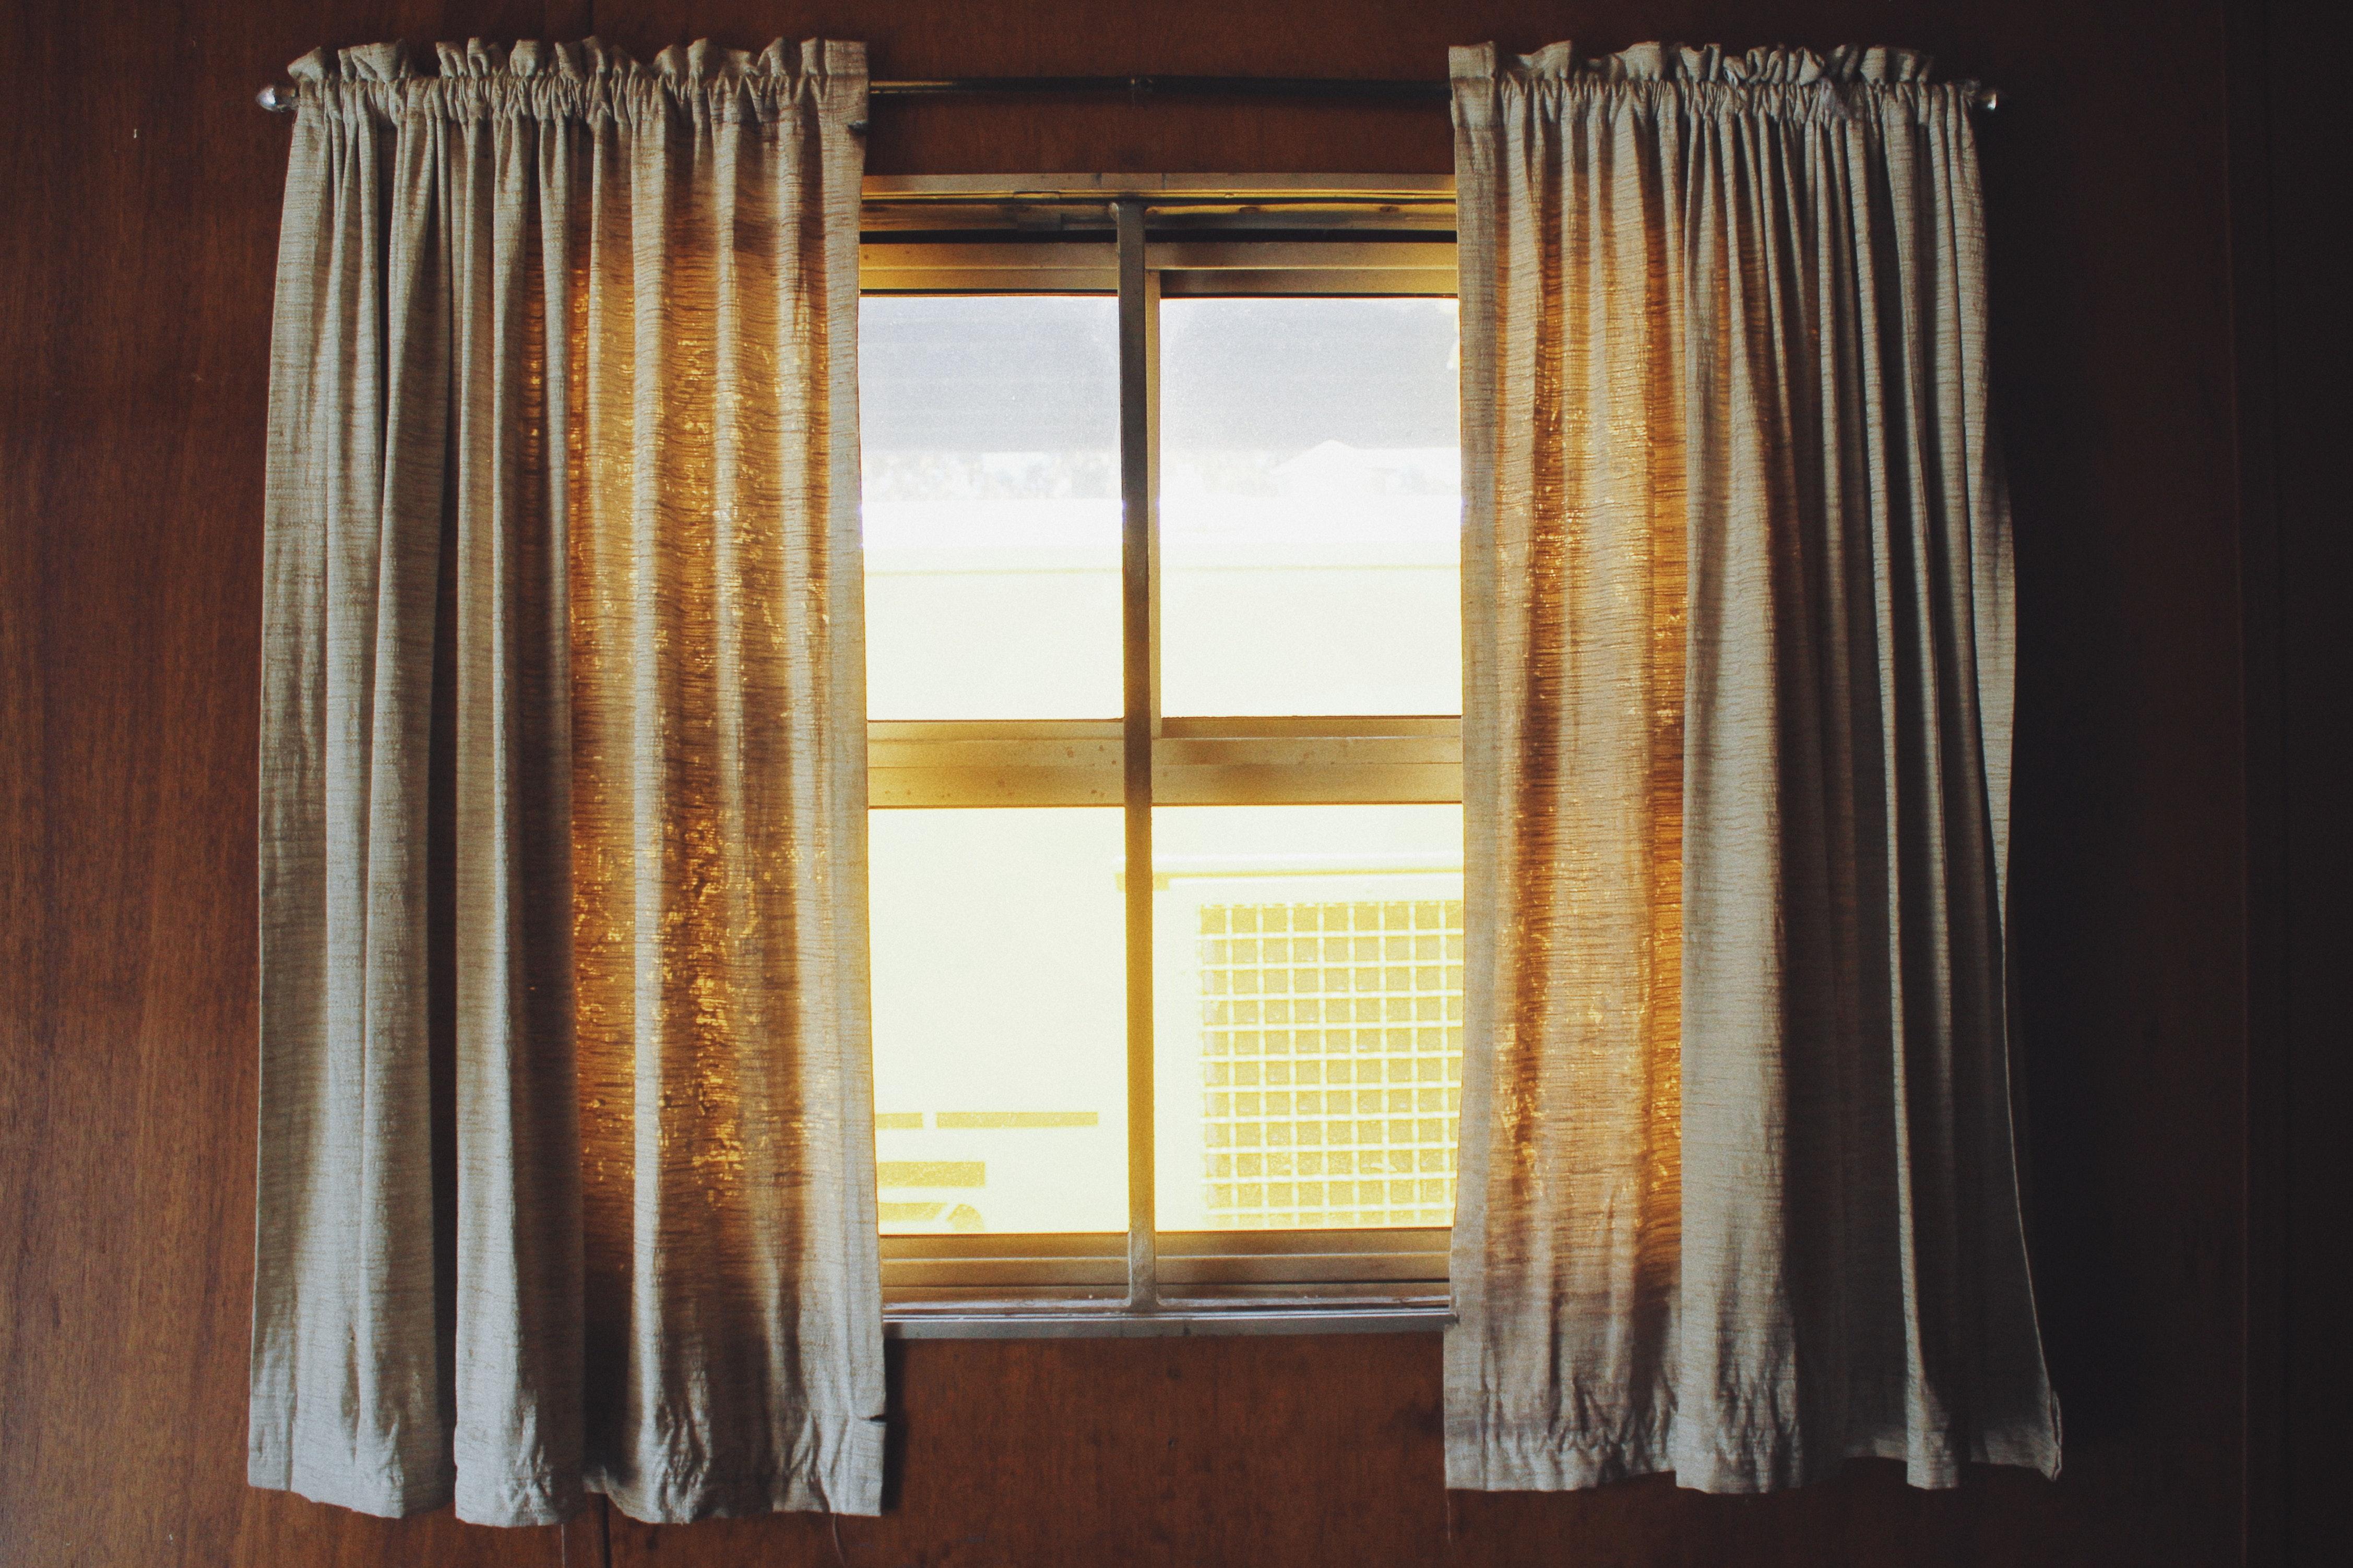 Montaż okien, o czym pamiętać